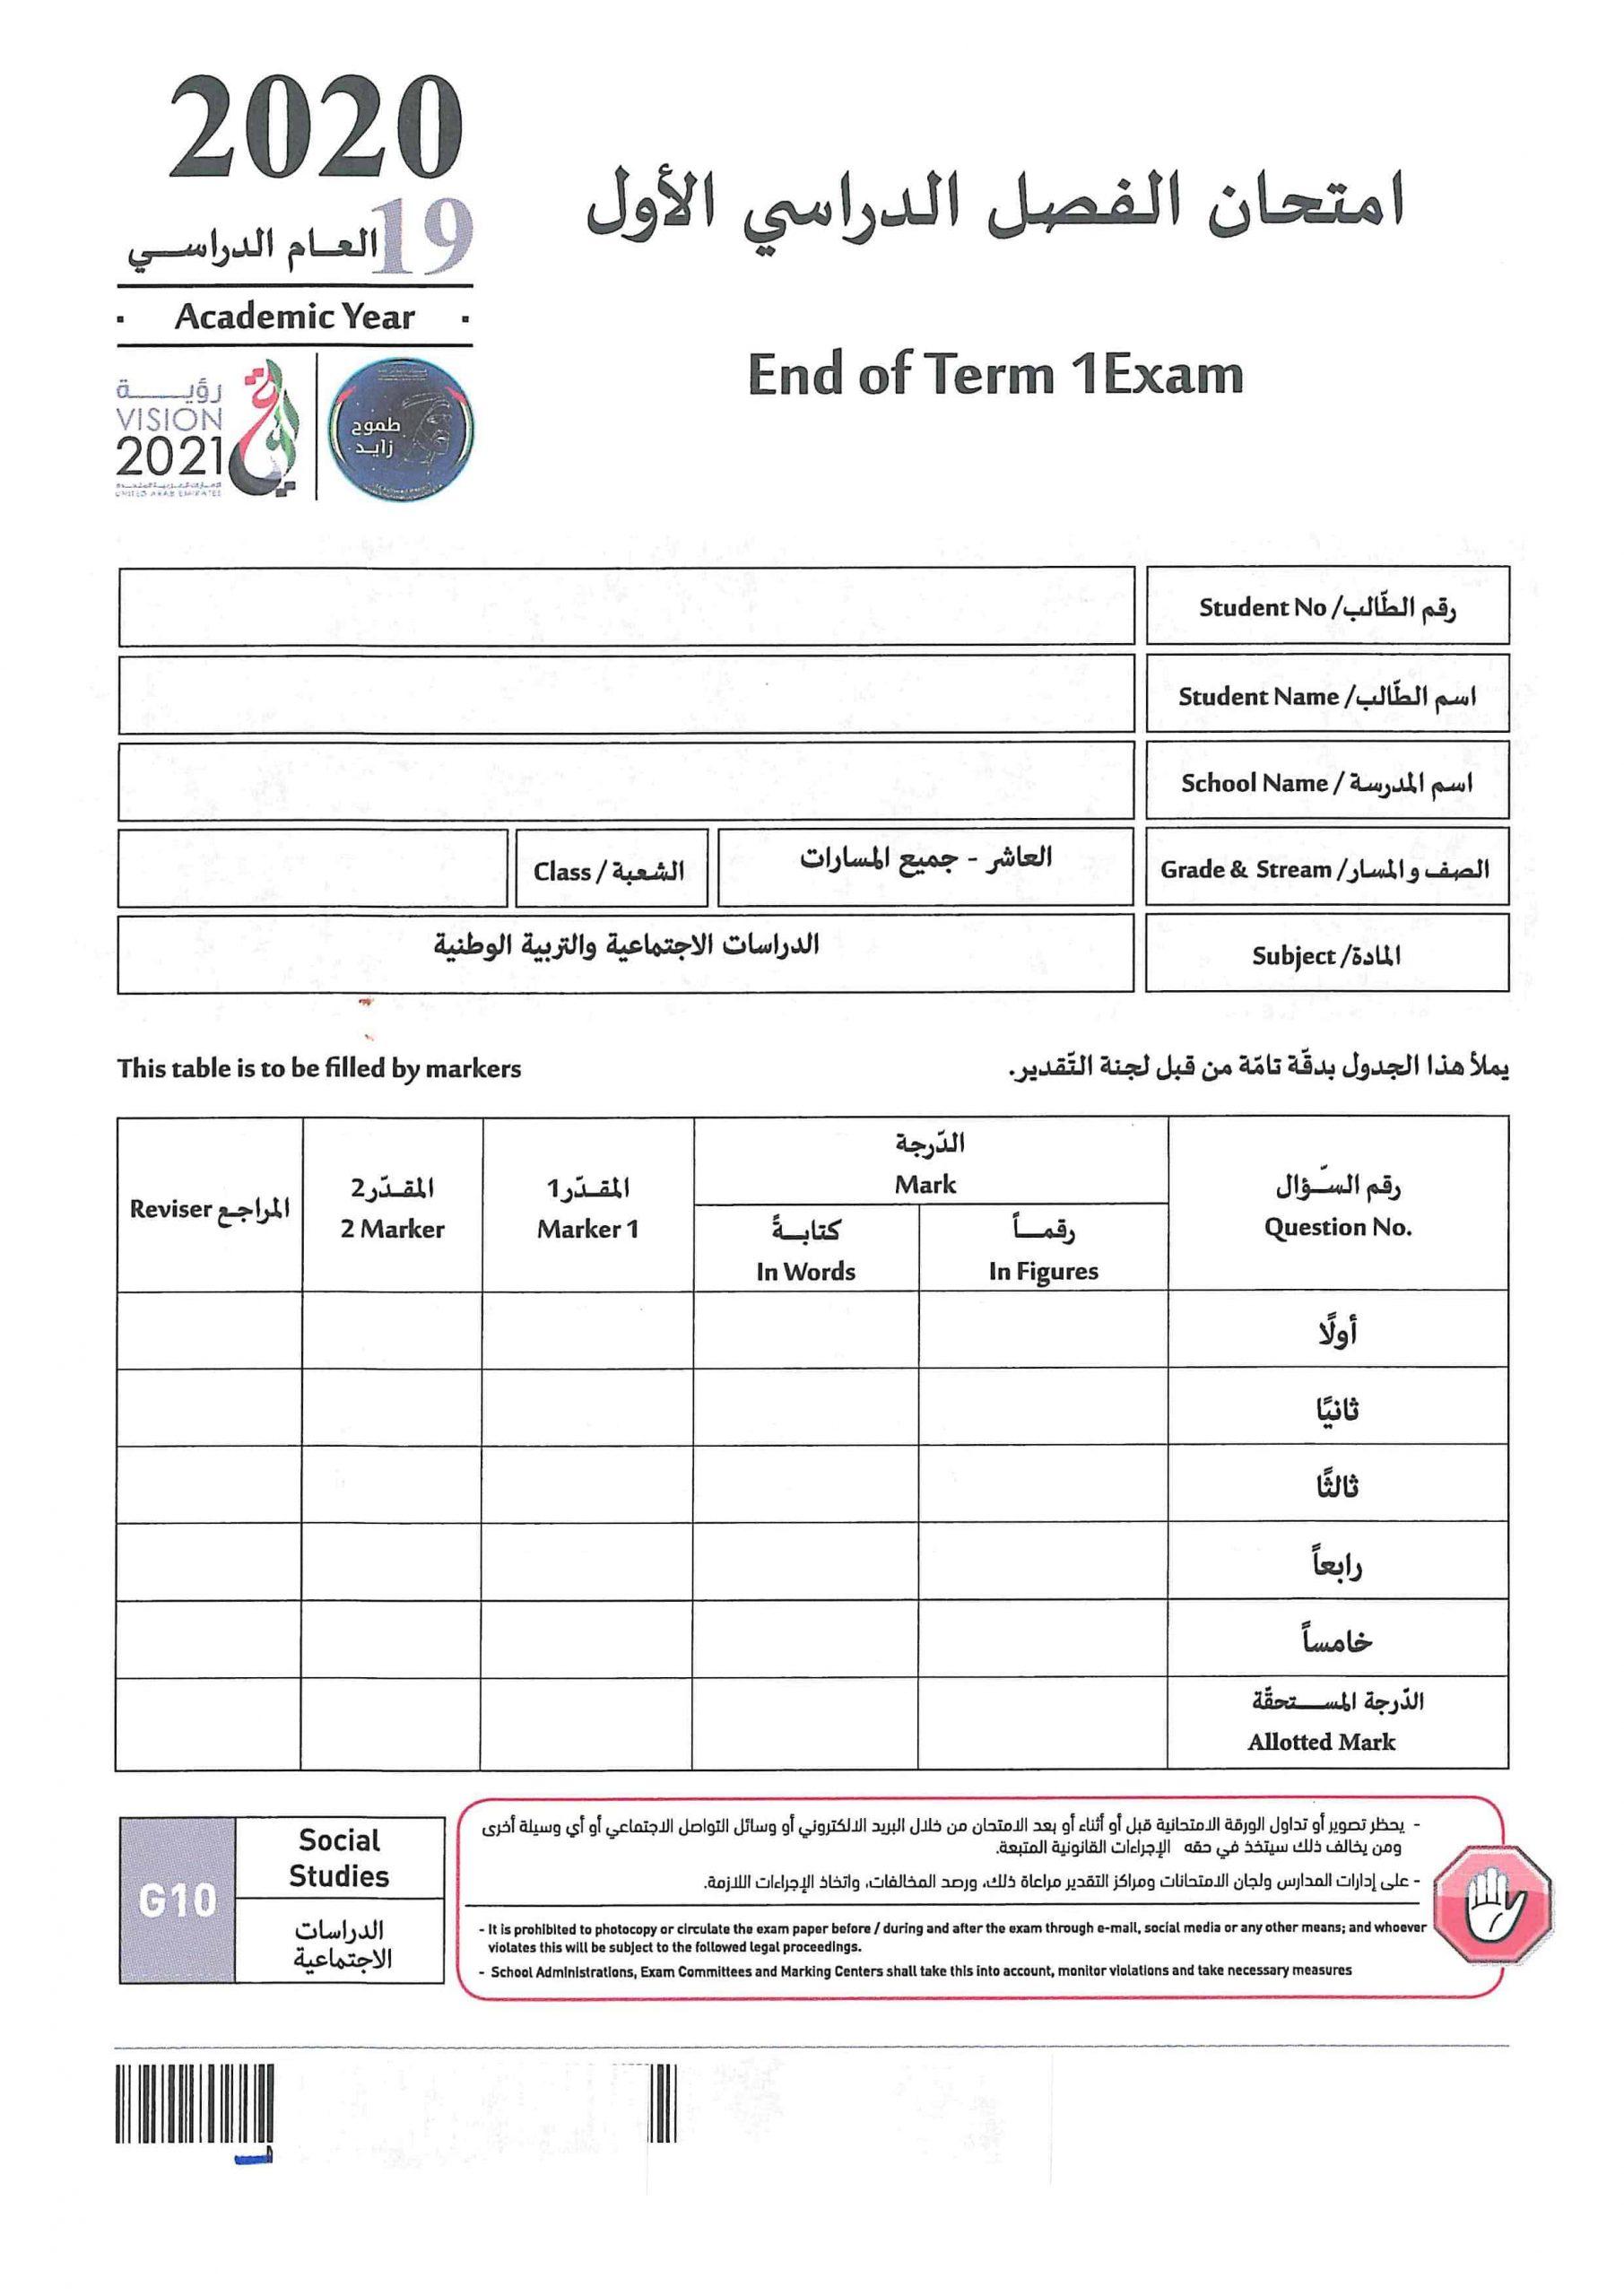 حل امتحان نهاية الفصل الدراسي الاول 2019-2020 الصف العاشر مادة الدراسات الاجتماعية والتربية الوطنية